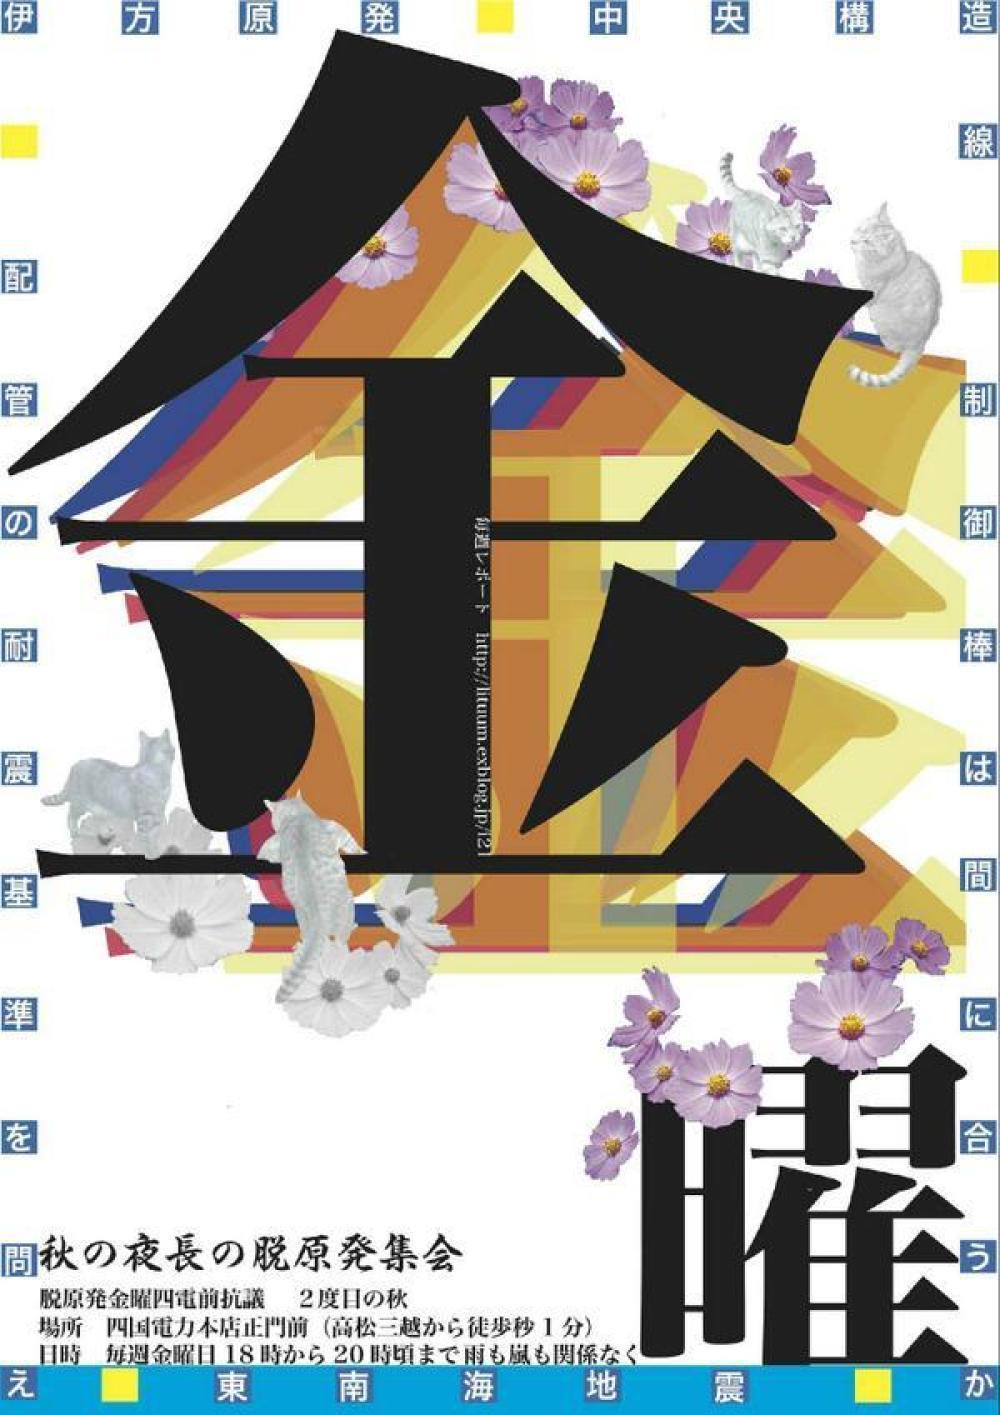 316回目四電本社前再稼働反対抗議レポ 7月27日(金)高松 【伊方原発を止めた。私たちは止まらない。32】【 原発の正義を語ろう Ⅸ  】_b0242956_20503390.jpg